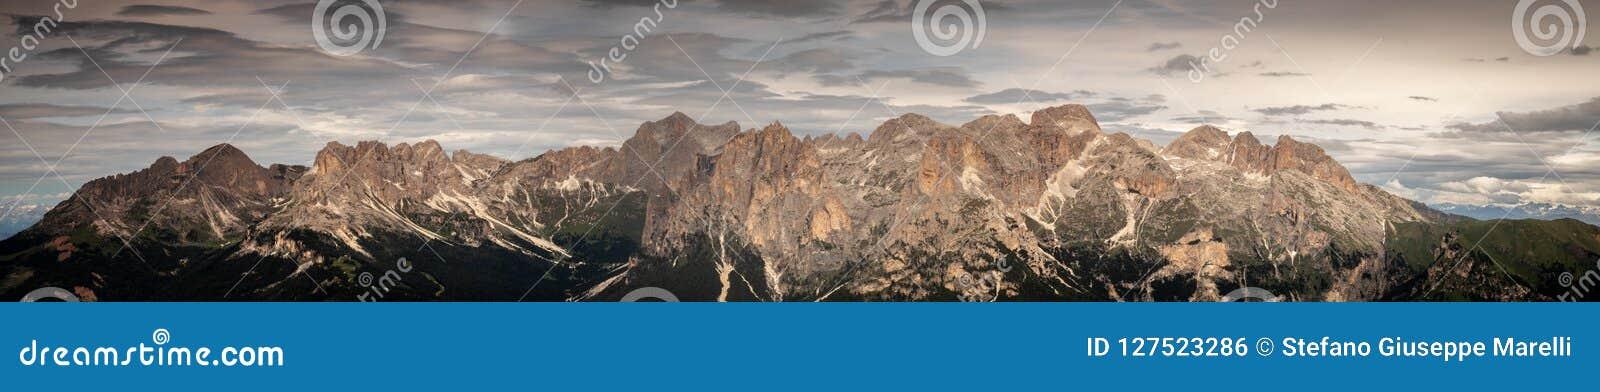 Panorama całkowity catinaccio rosengarten masyw w dolomitach altowy Adige południowy Tyrol Italy